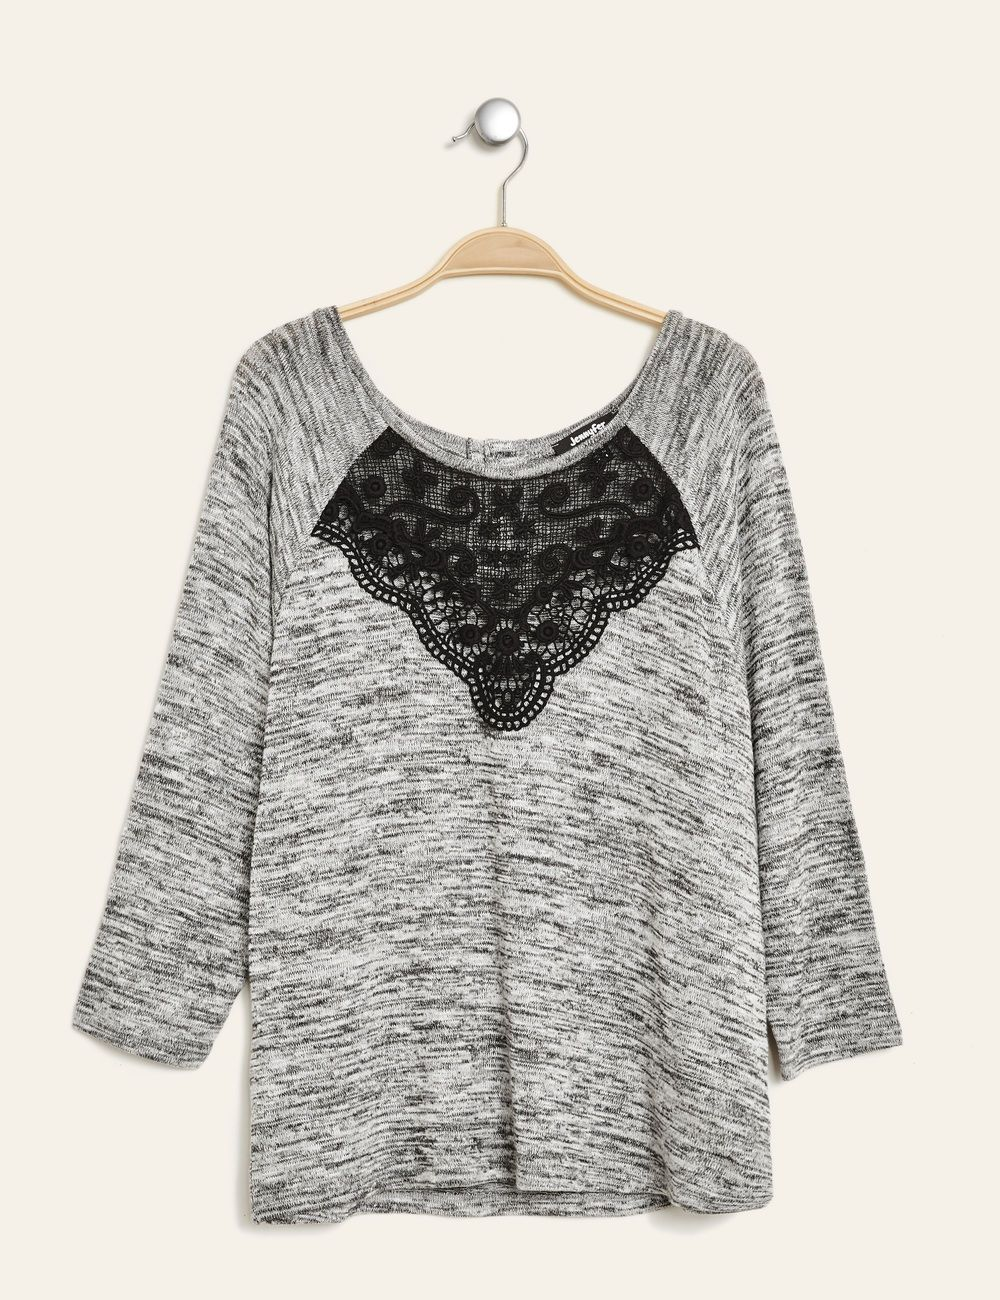 2017f4935a2 Tee-shirt détail macramé gris anthracite chiné femme • Jennyfer ...